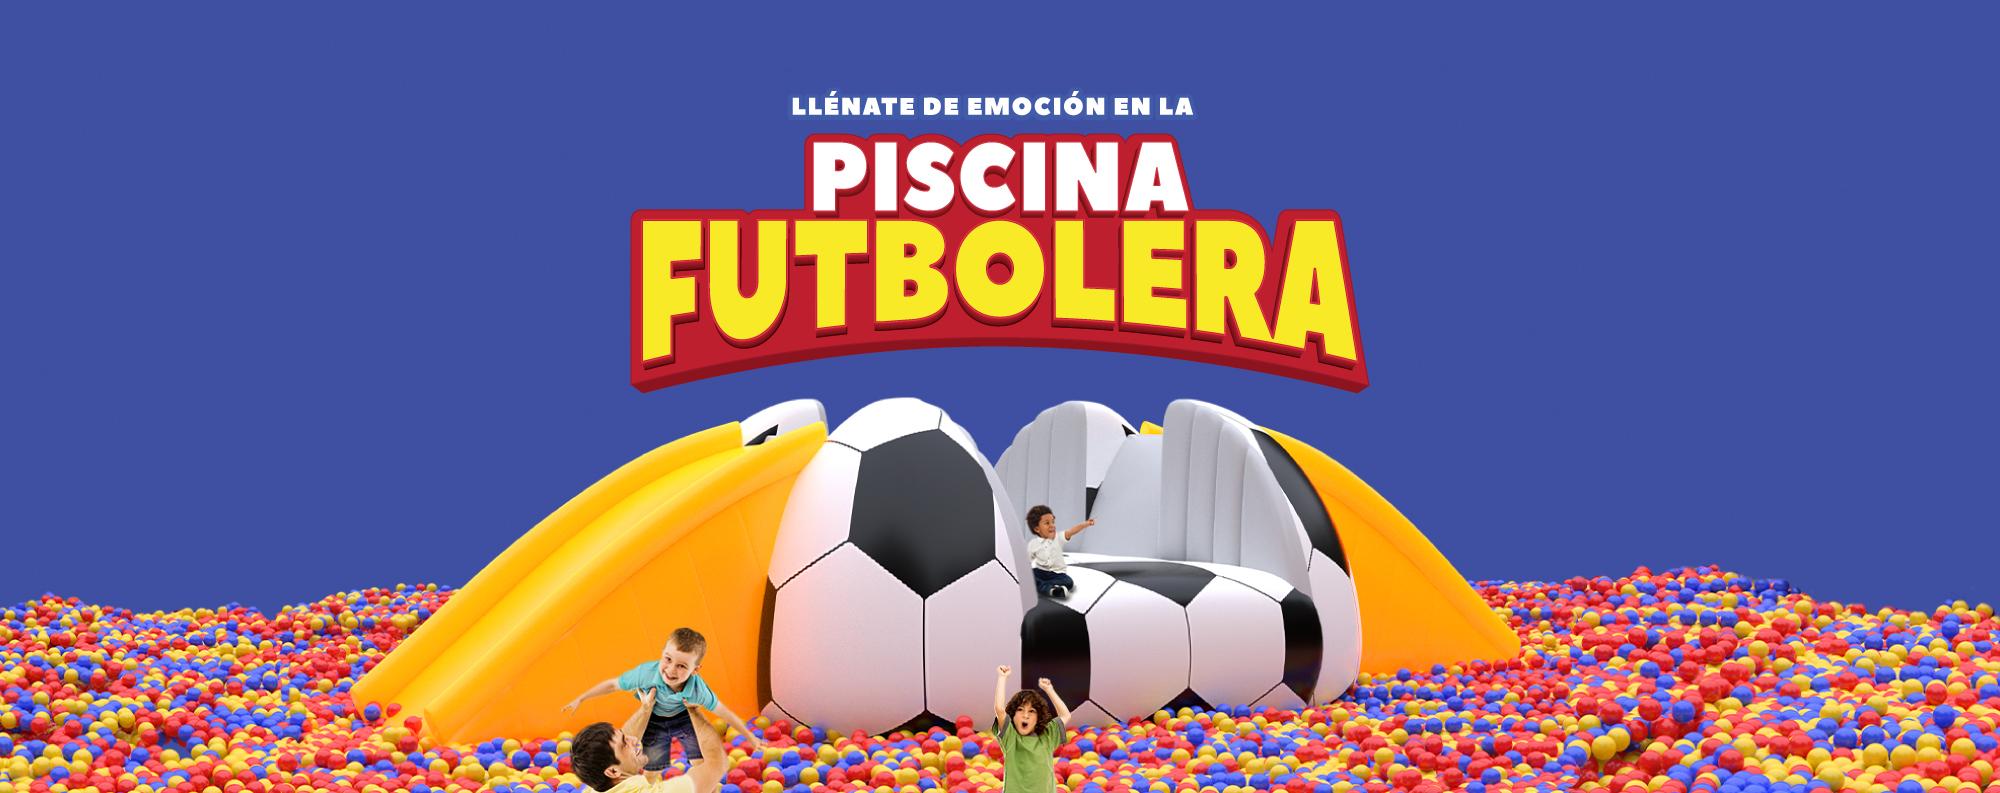 Piscina futbolera Viva Tunja